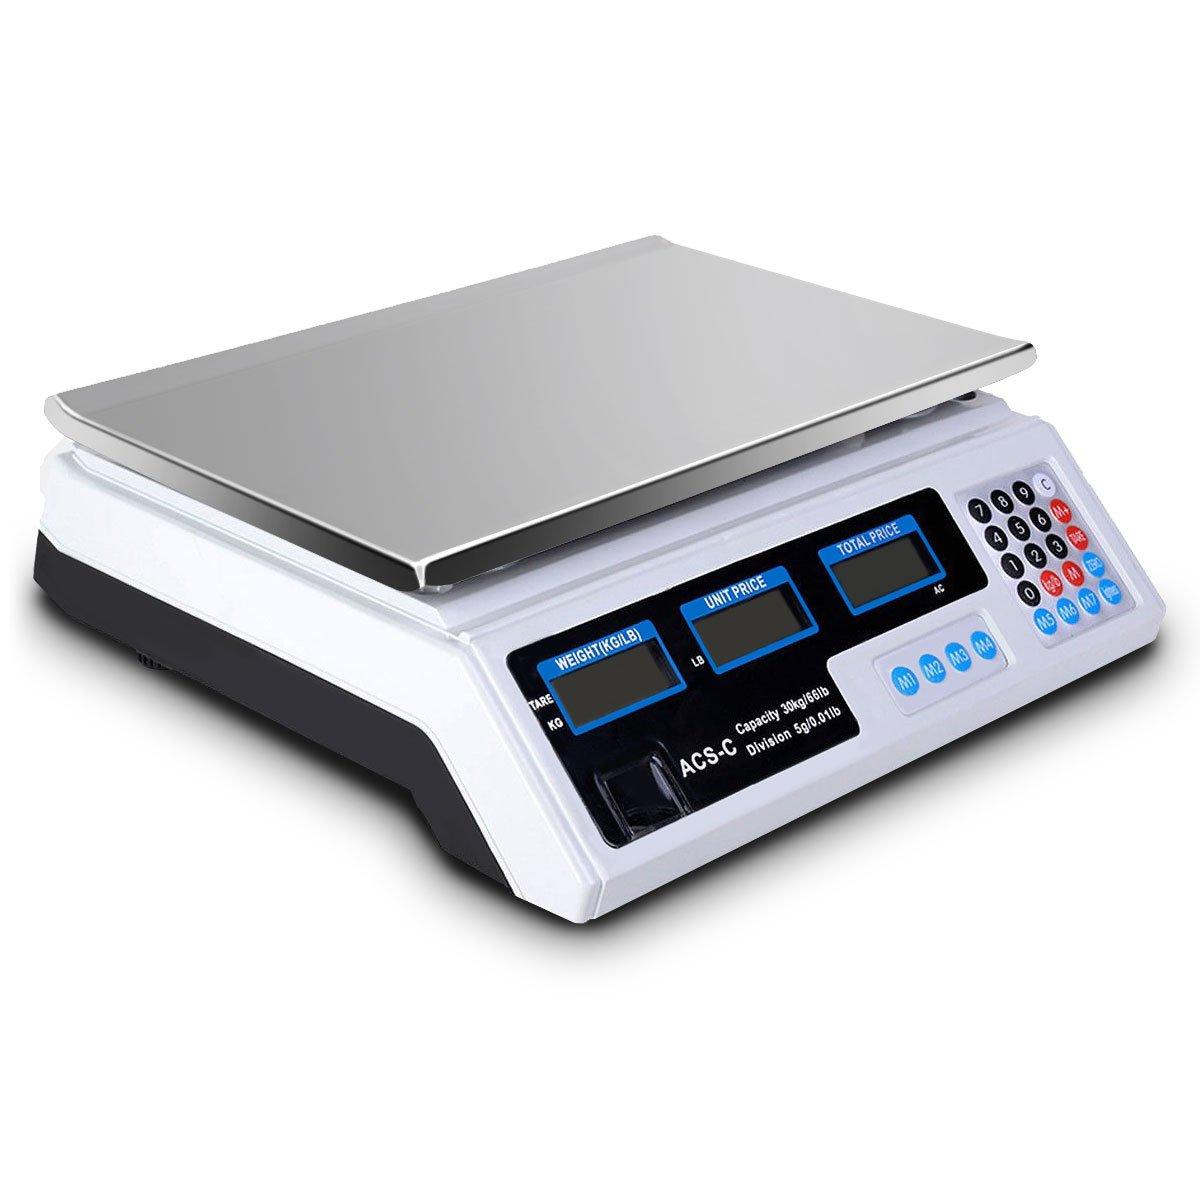 Giantex Digital Computación de peso escala precio venta al por menor de alimentos carne báscula con escala 66lbs: Amazon.es: Hogar